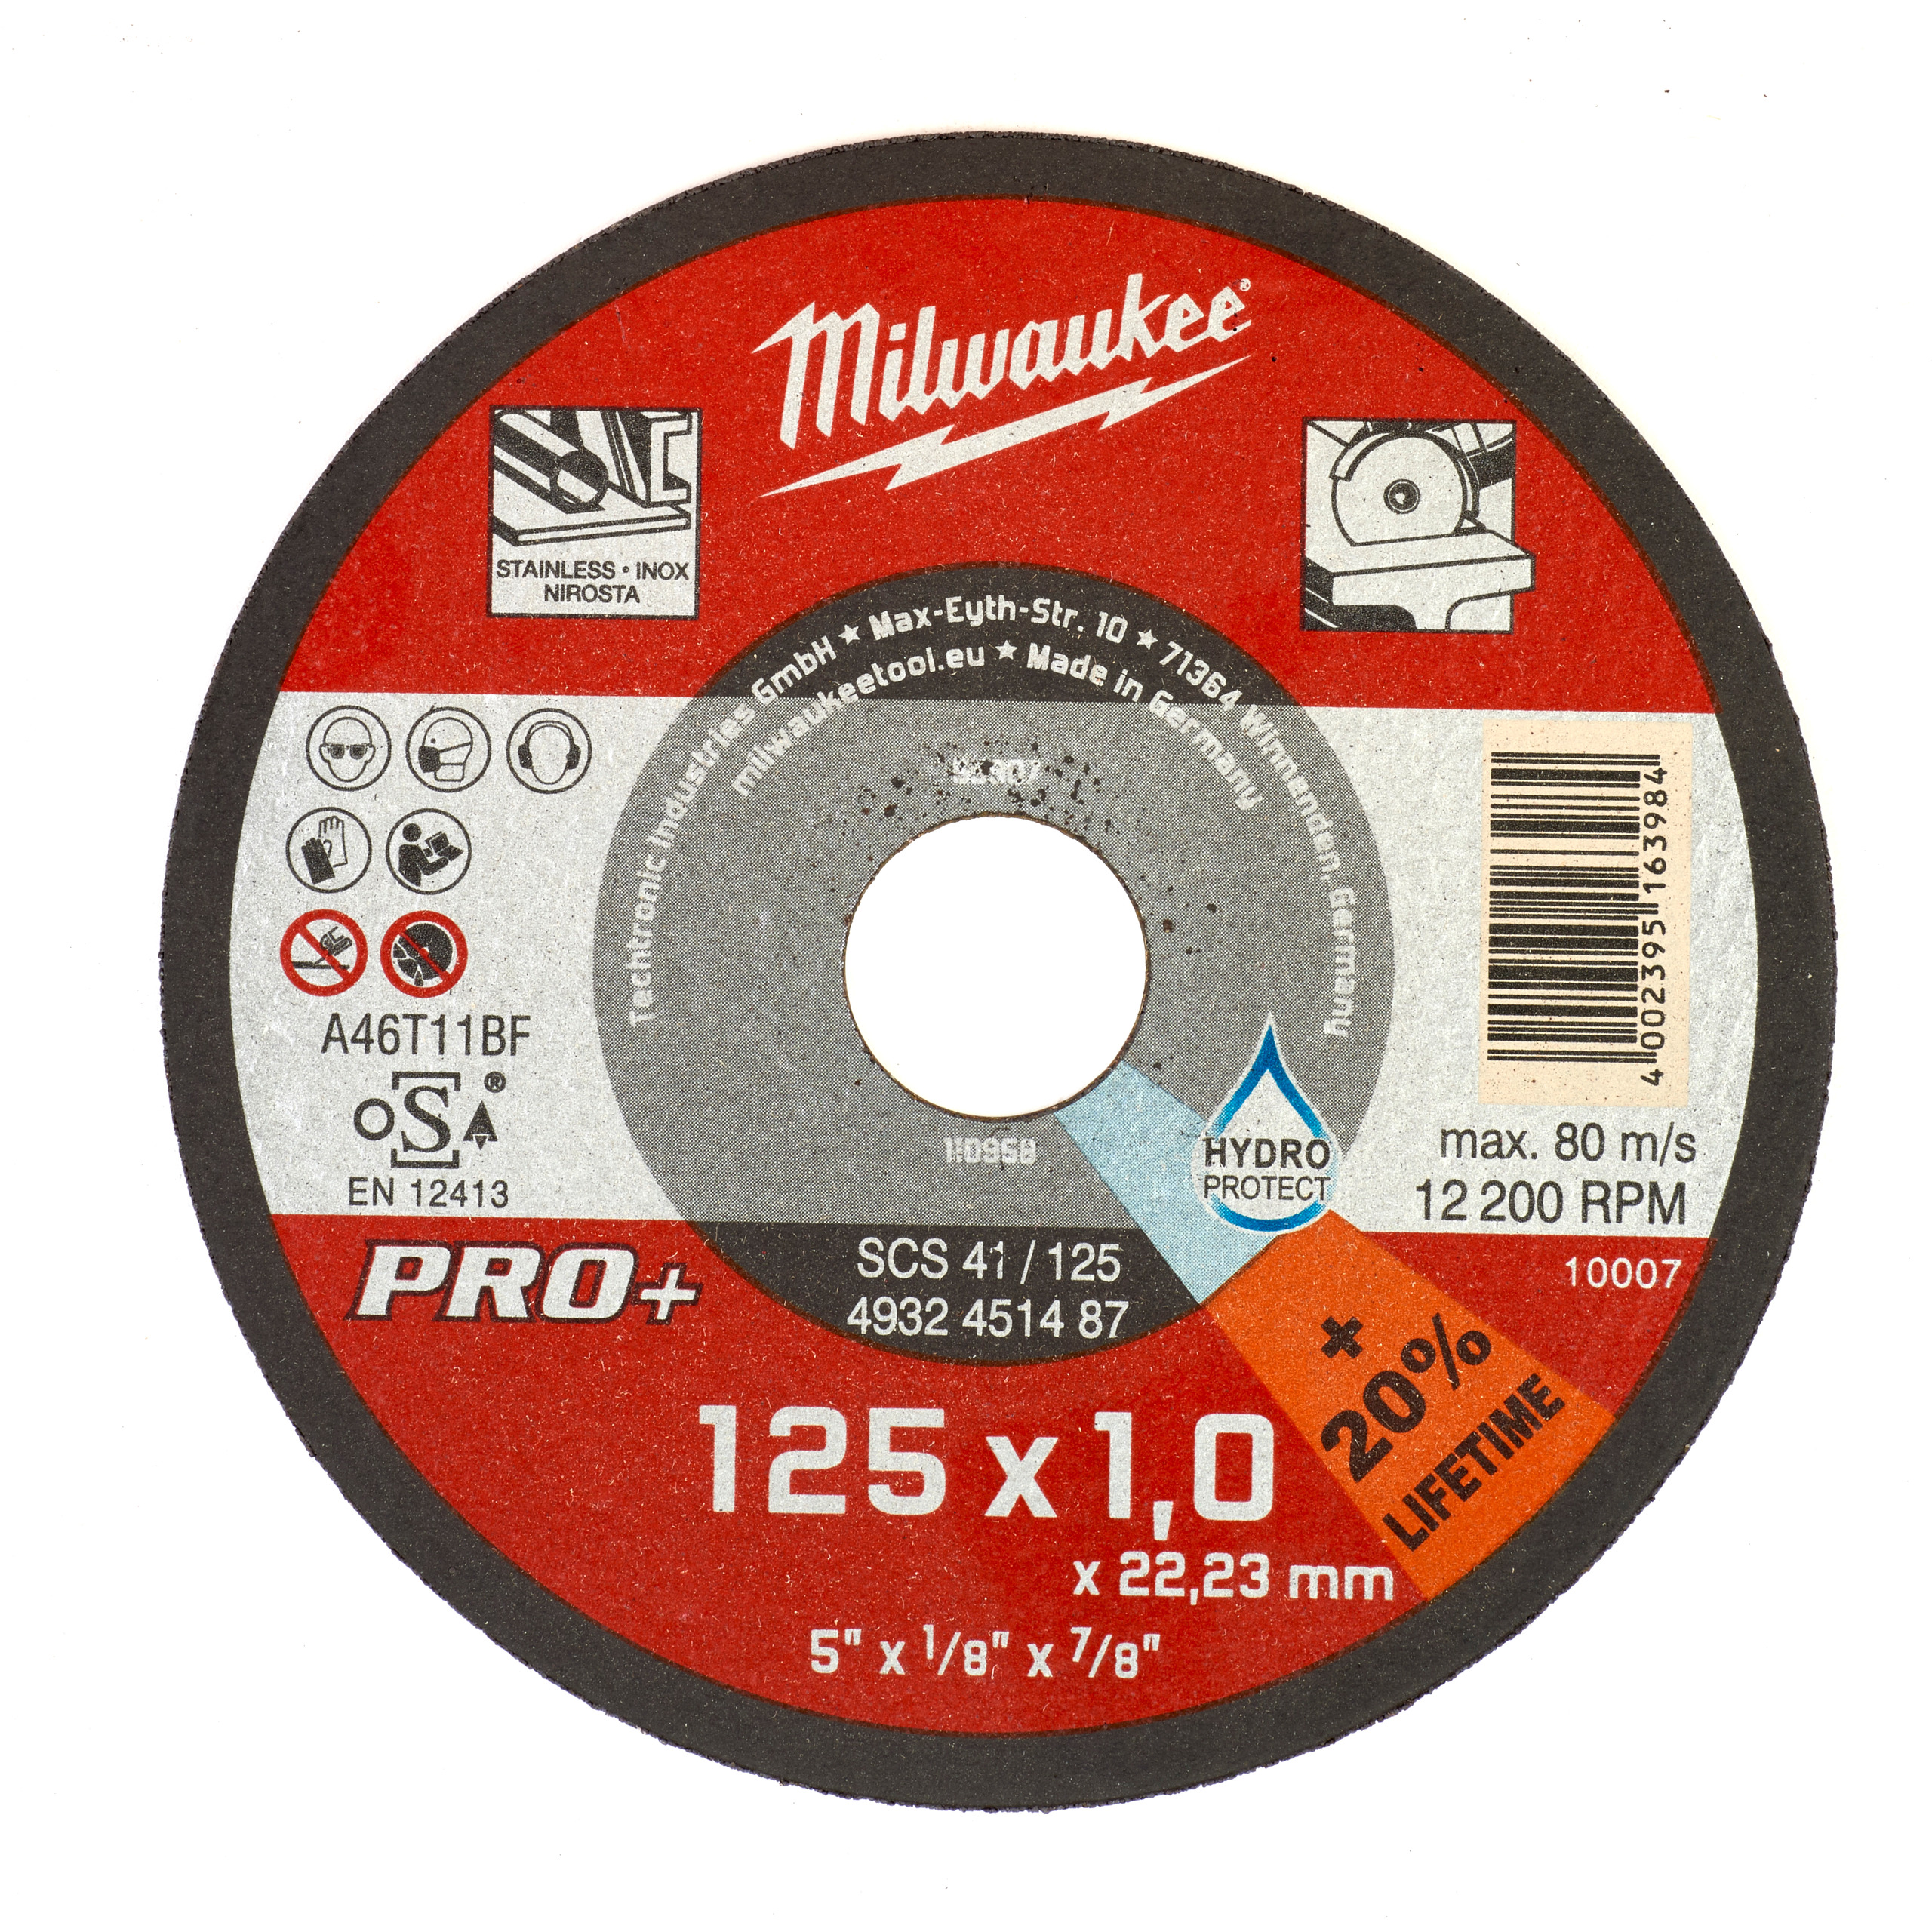 CutWSCS 41/125X1 PRO+ řezný kotouč - 1ks